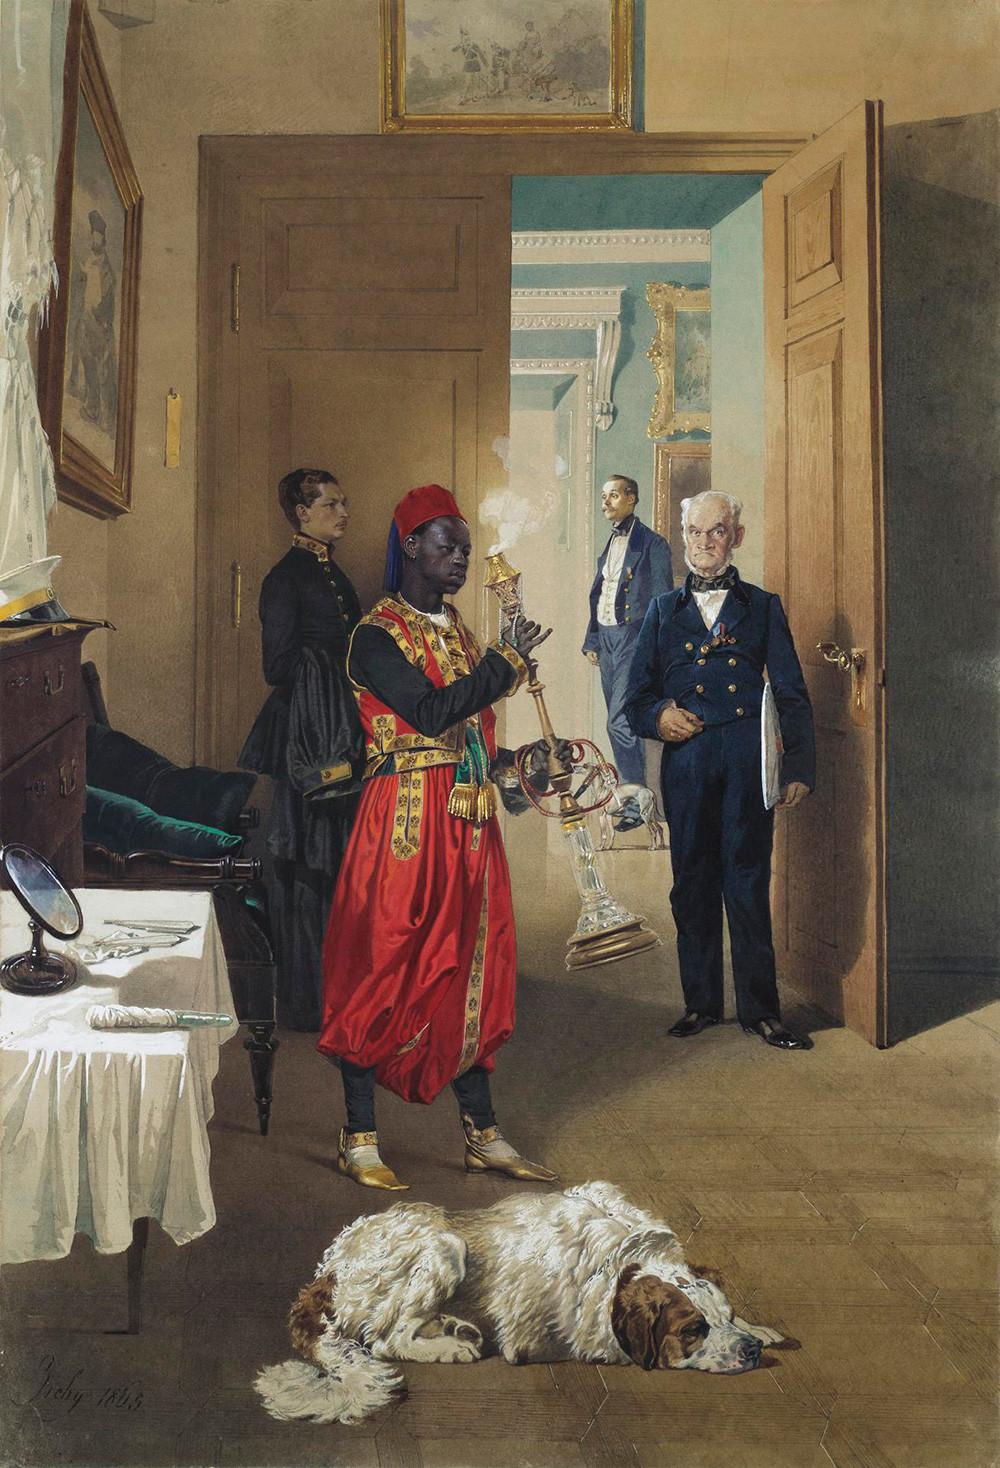 «Передняя в императорском дворце в Царском Селе», М. Зичи, 1865.